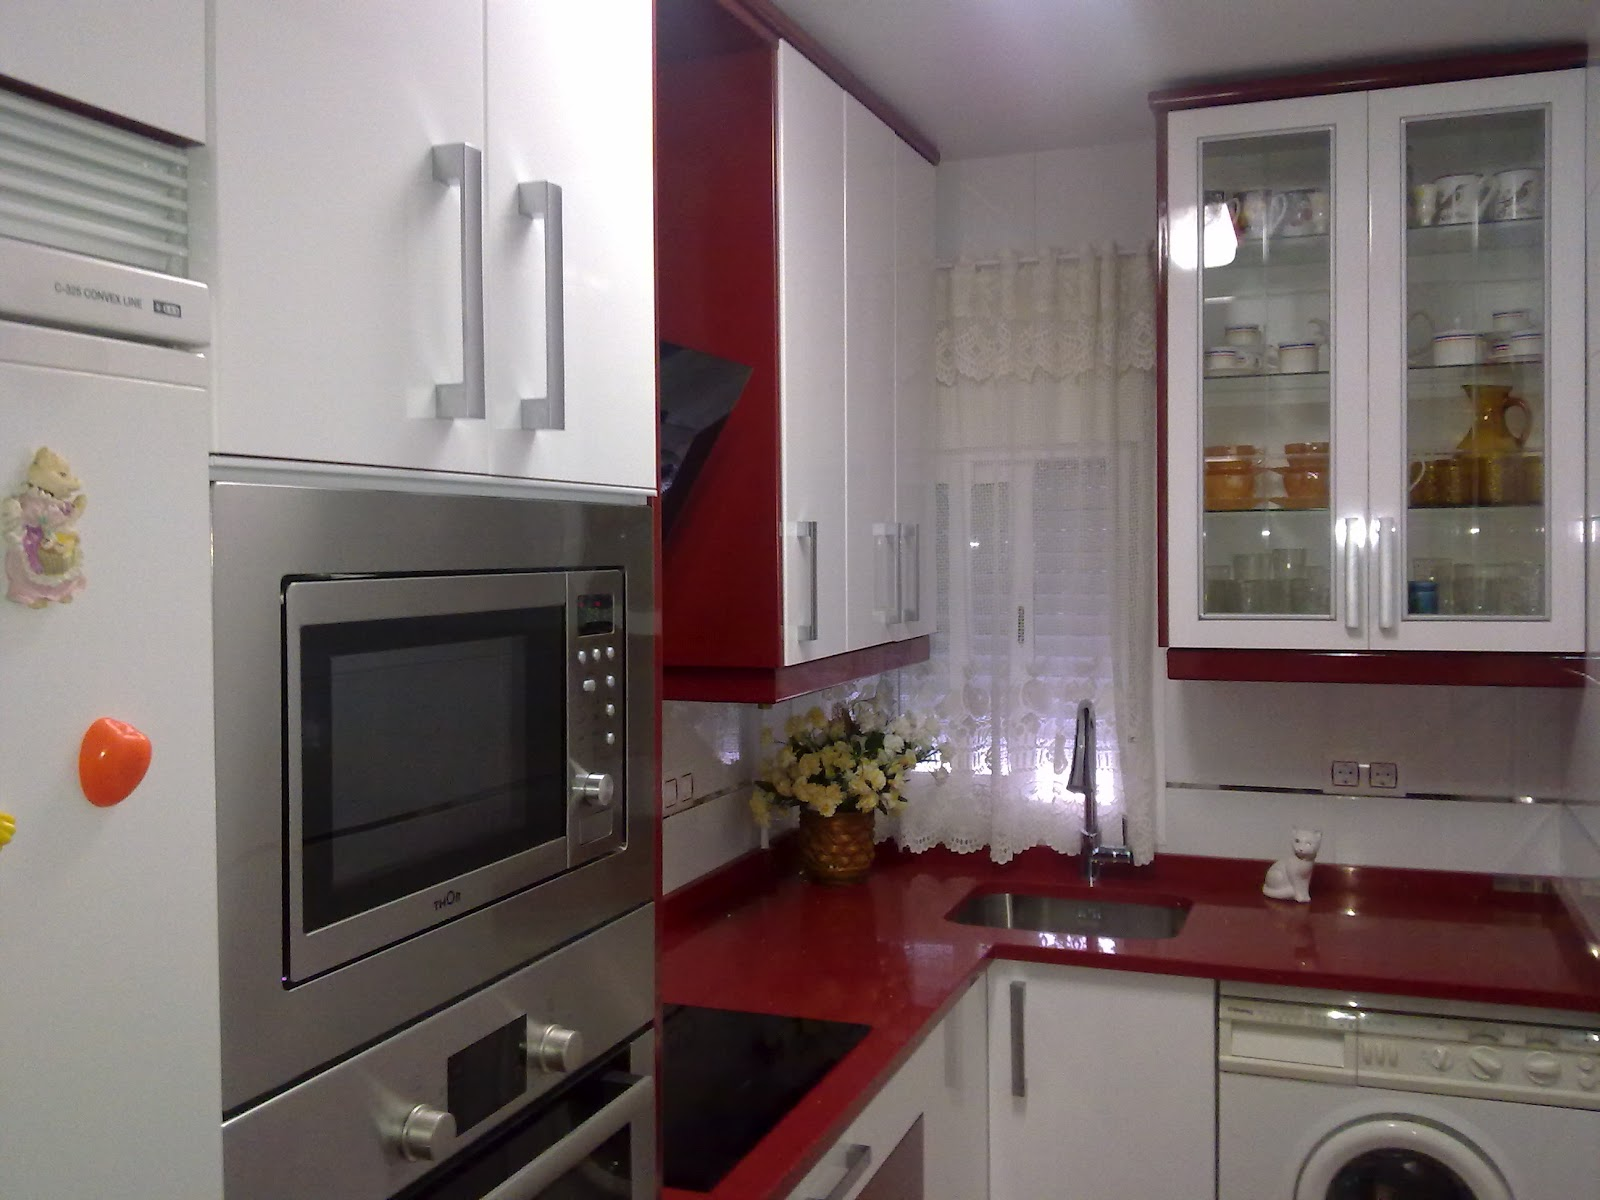 Modelo formica alto brillo blanco granate encimera - Muebles de cocina sueltos ...